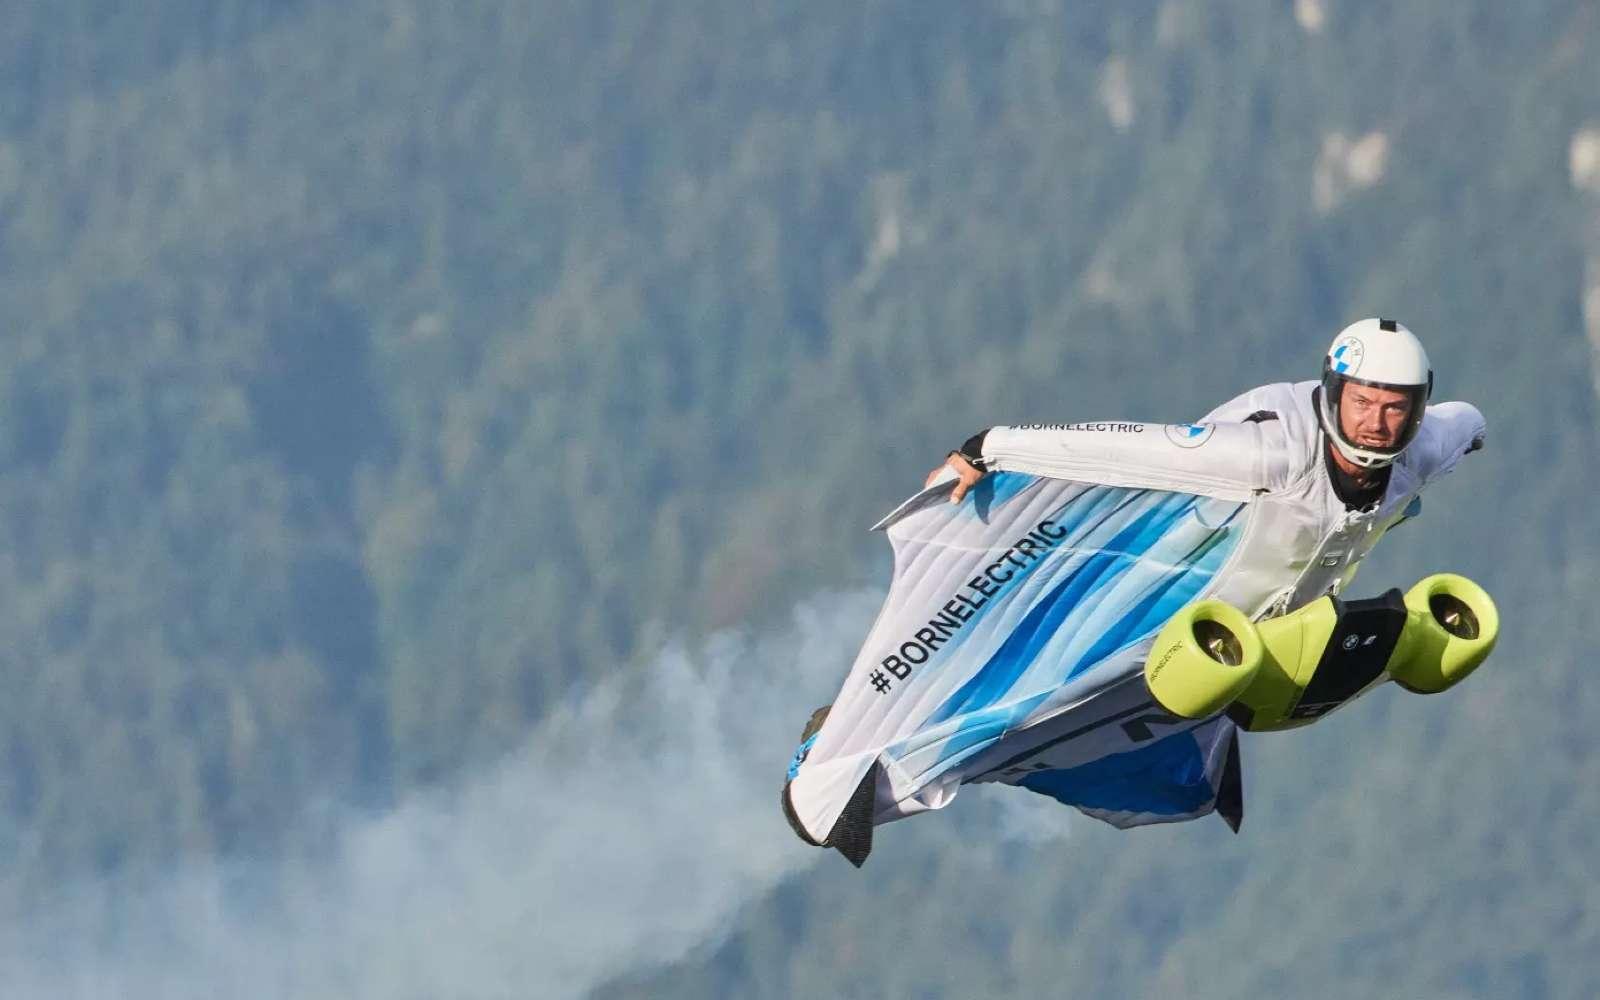 On est loin du premier vol en « wingsuit » de Franz Reichelt en 1912 qui s'est achevée en une brutale chute mortelle depuis la tour Eiffel. © BMW